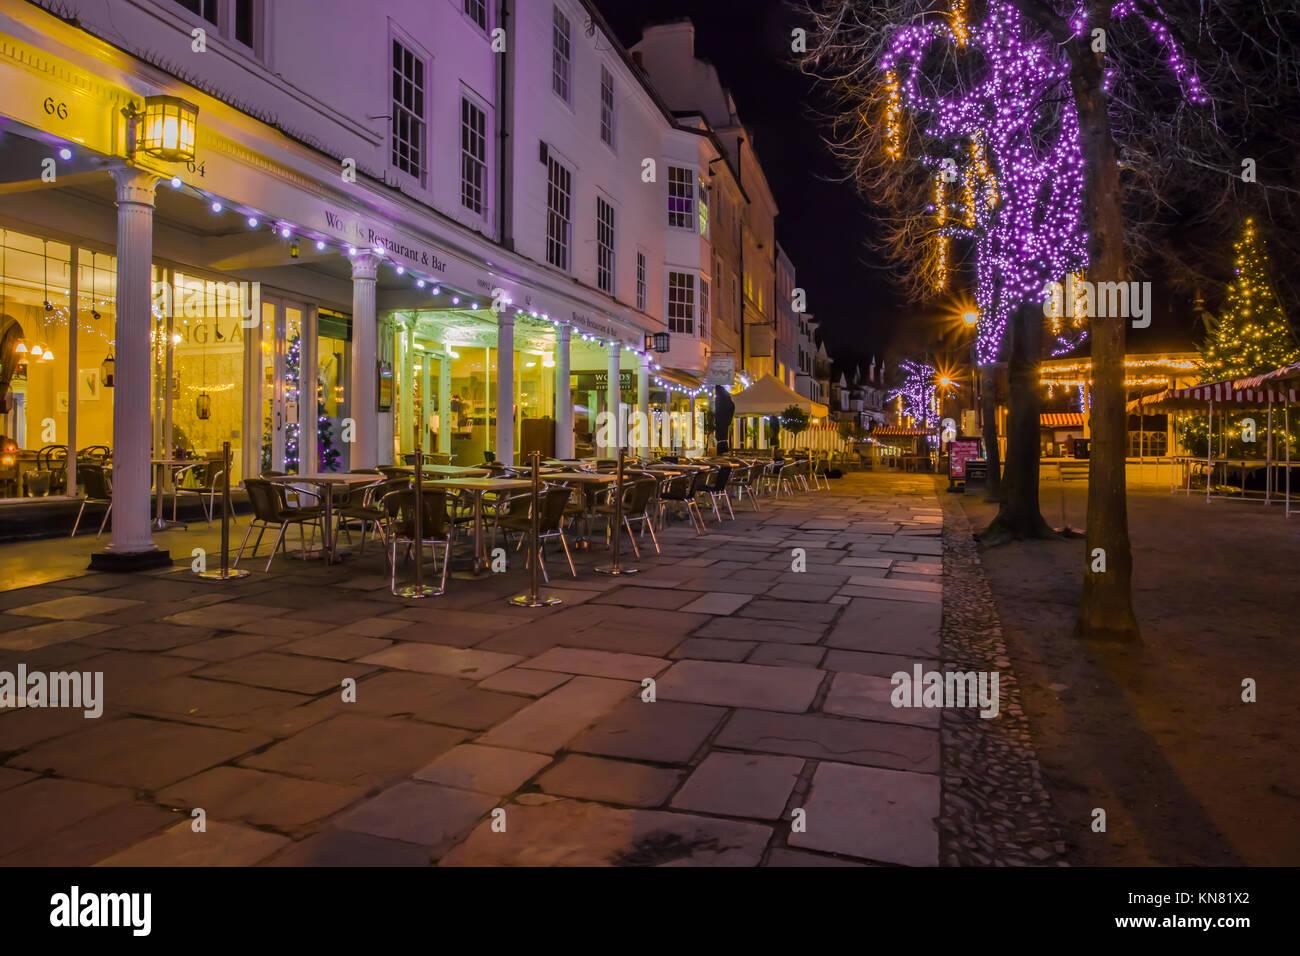 Royal Tunbridge Wells die Dachpfannen Fußgängerzone Kolonnade Dämmerung Abend dunkel mit shop Lichter Stockbild